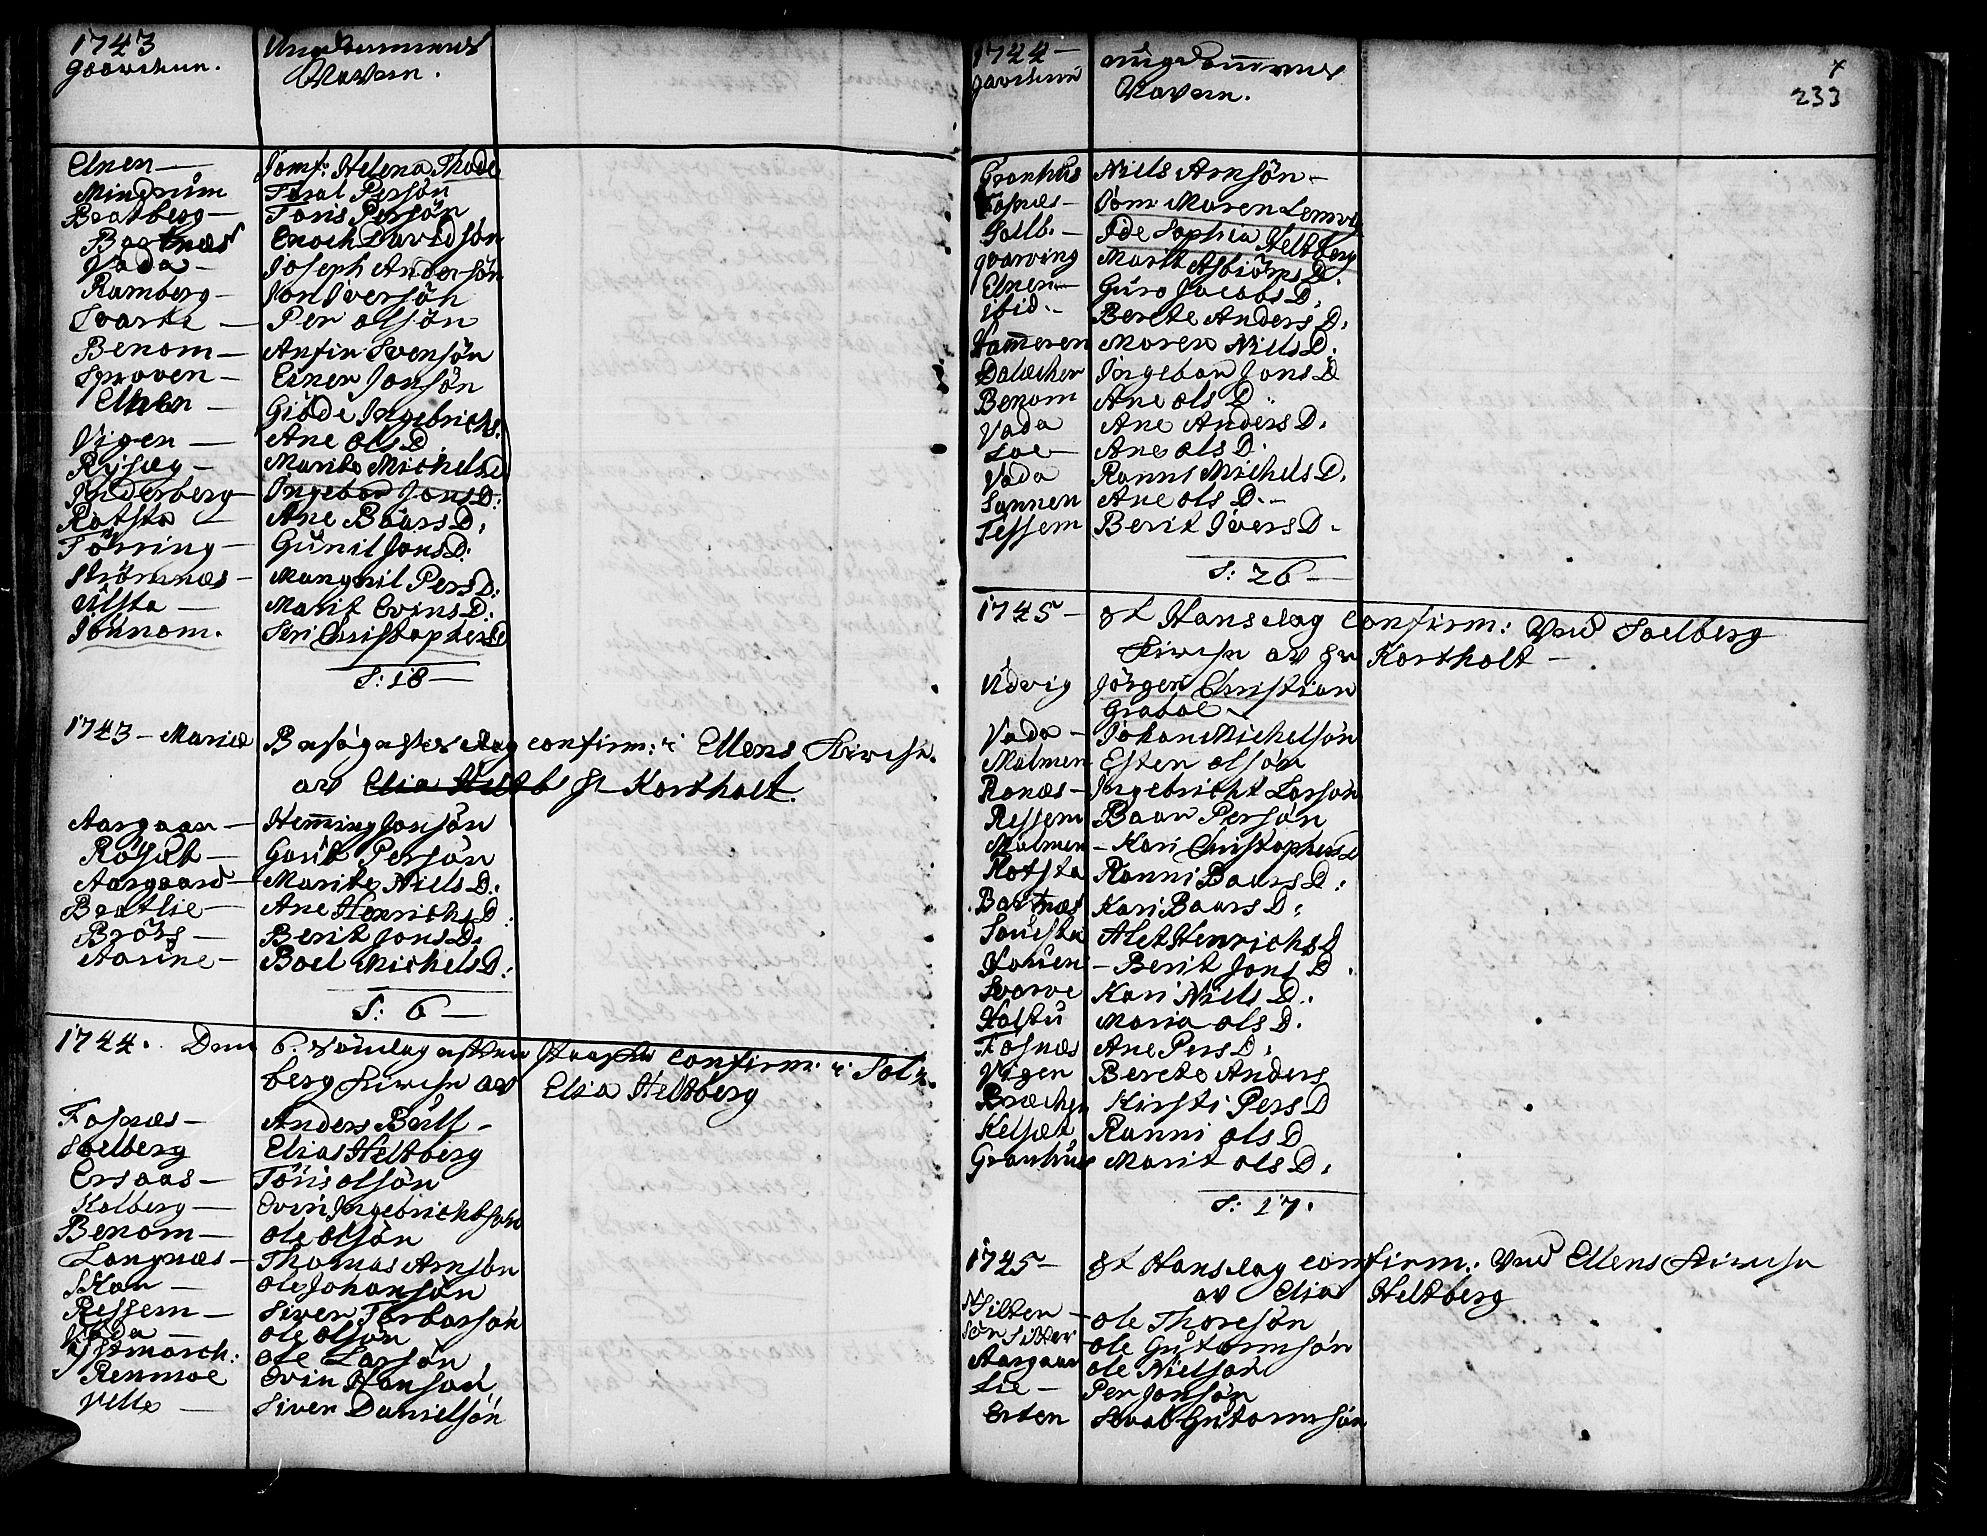 SAT, Ministerialprotokoller, klokkerbøker og fødselsregistre - Nord-Trøndelag, 741/L0385: Ministerialbok nr. 741A01, 1722-1815, s. 233